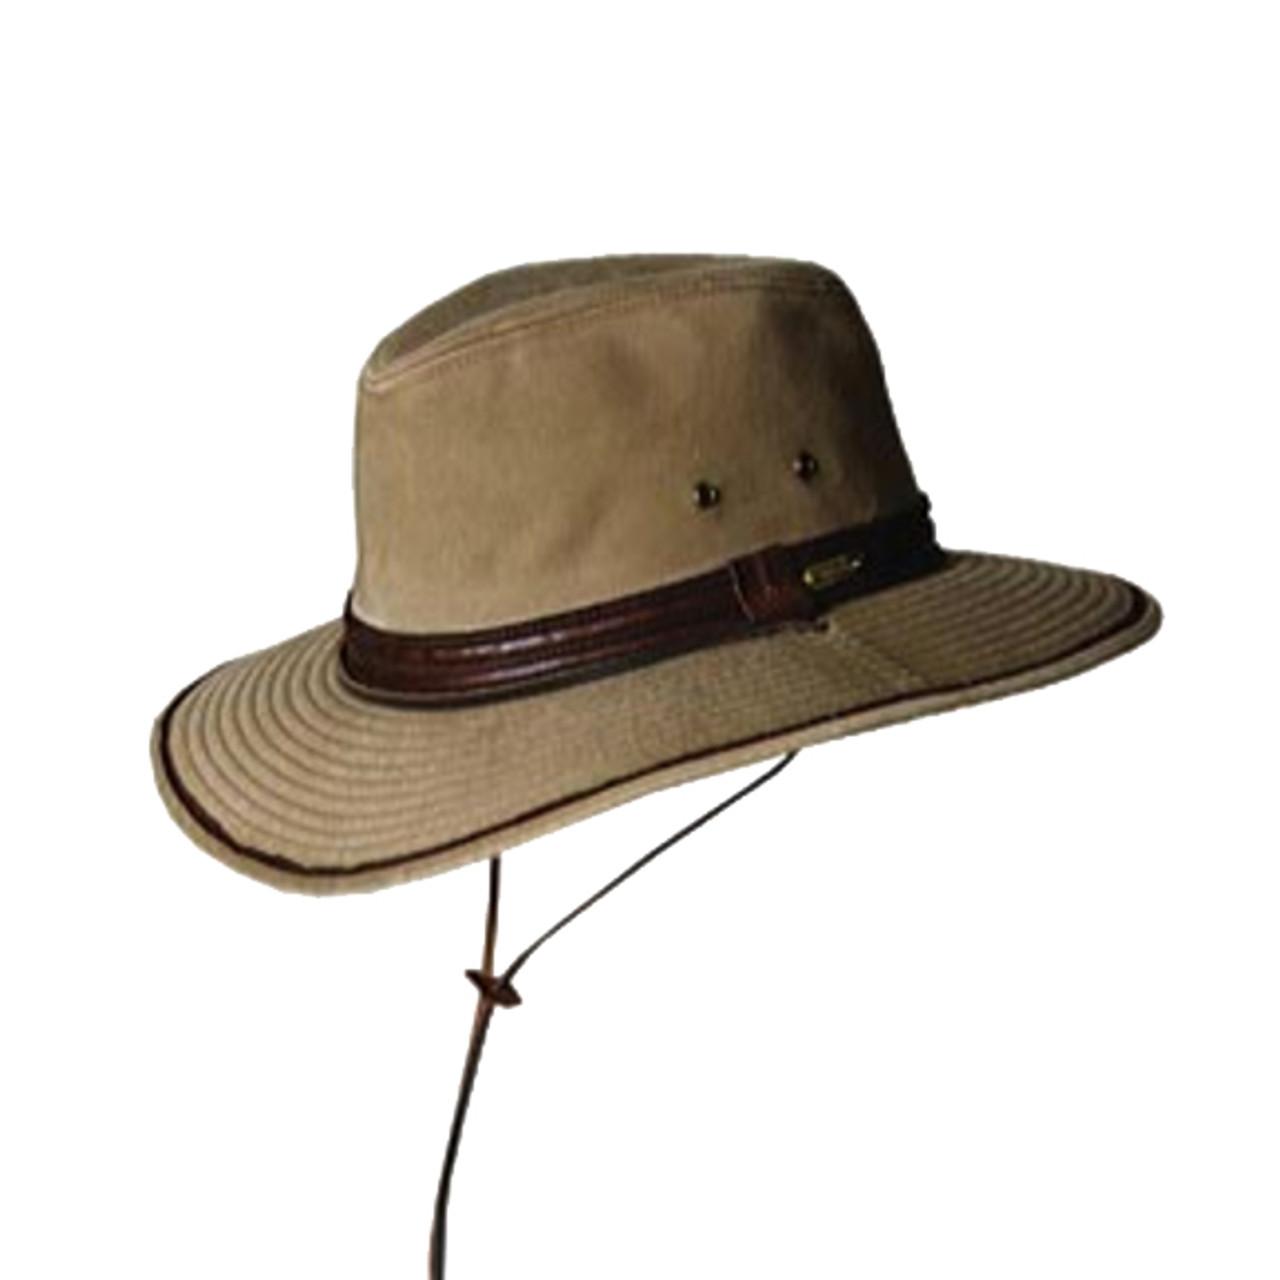 f8c1ba5c308ddd Clearance Stetson   Garment Wash Twill Safari Hat   Hats Unlimited